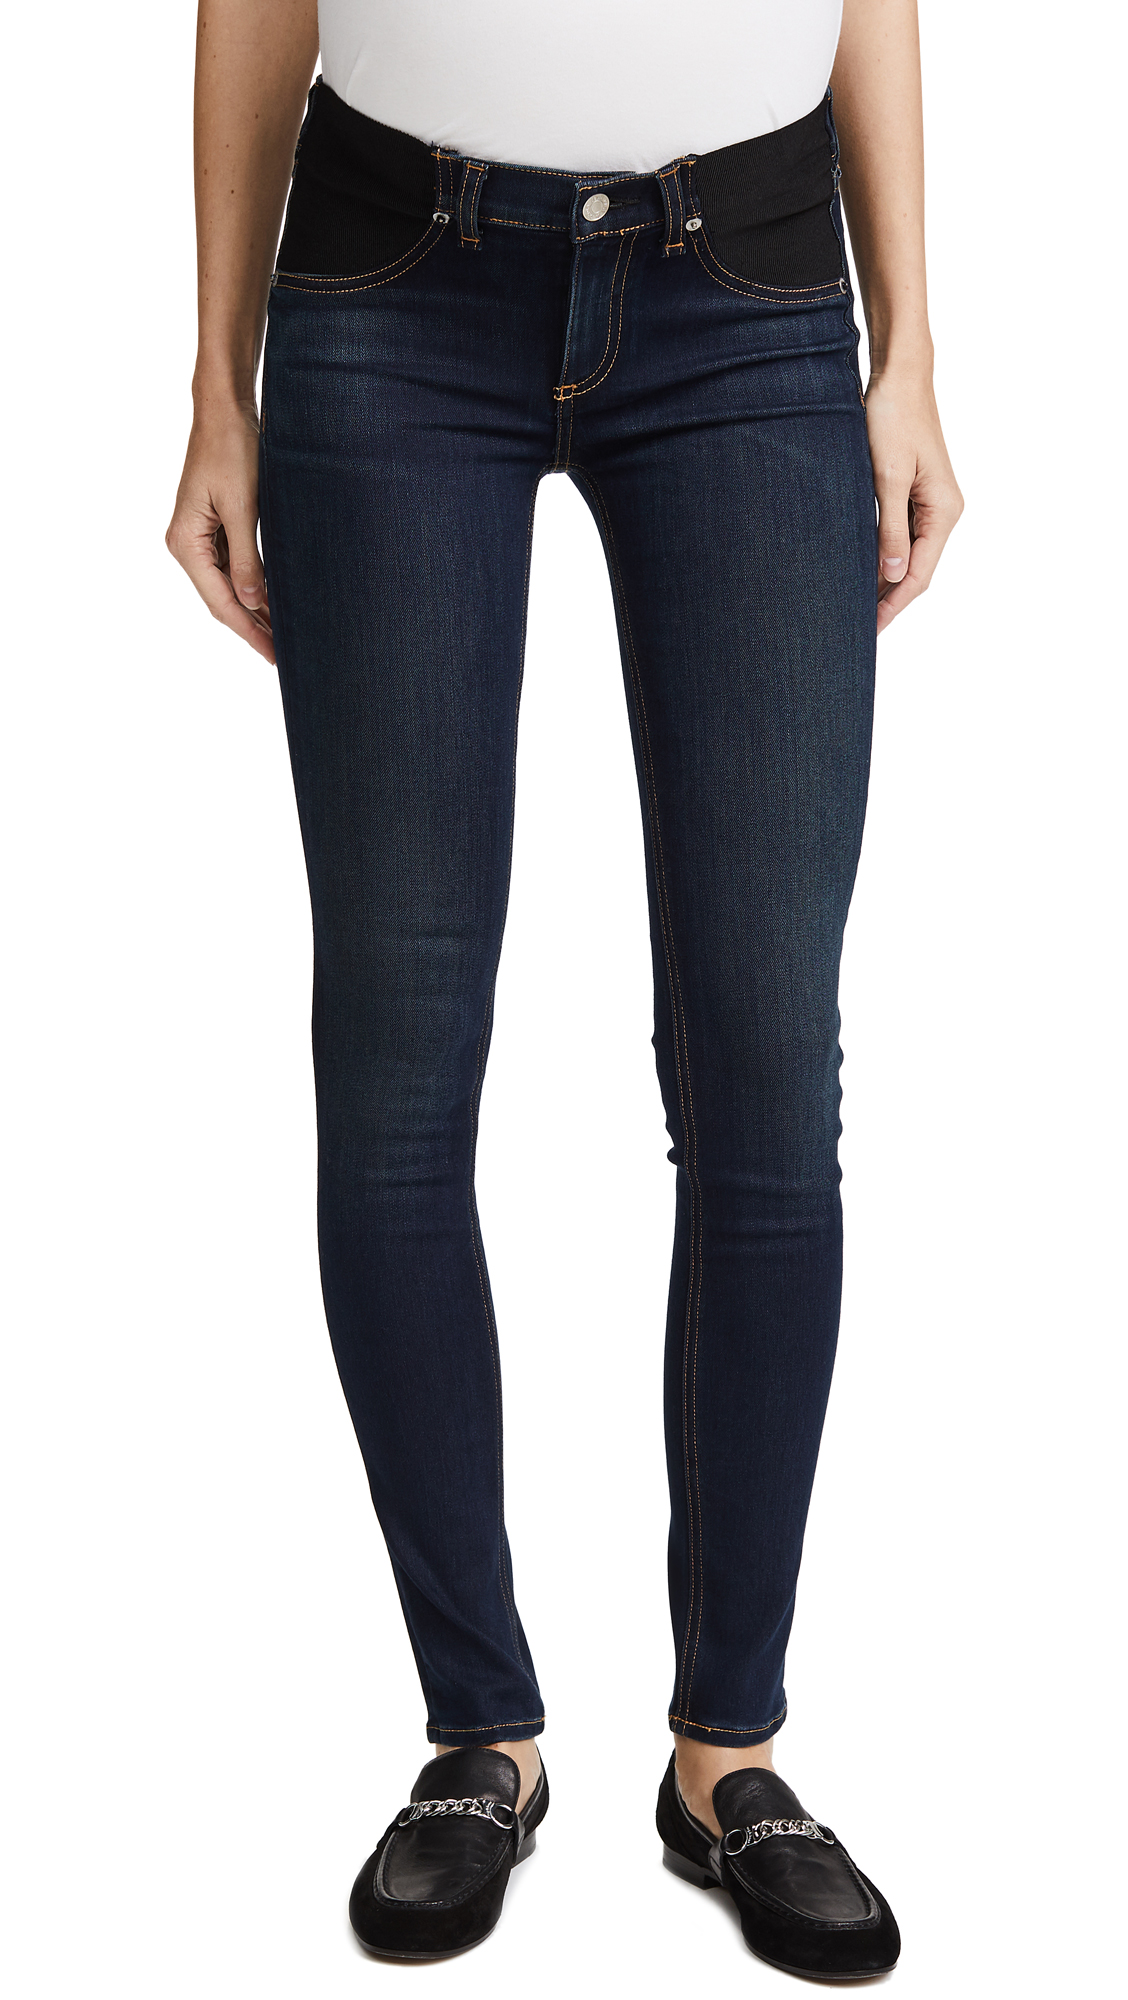 Rag & Bone/JEAN Maternity Skinny Jeans - Bedford